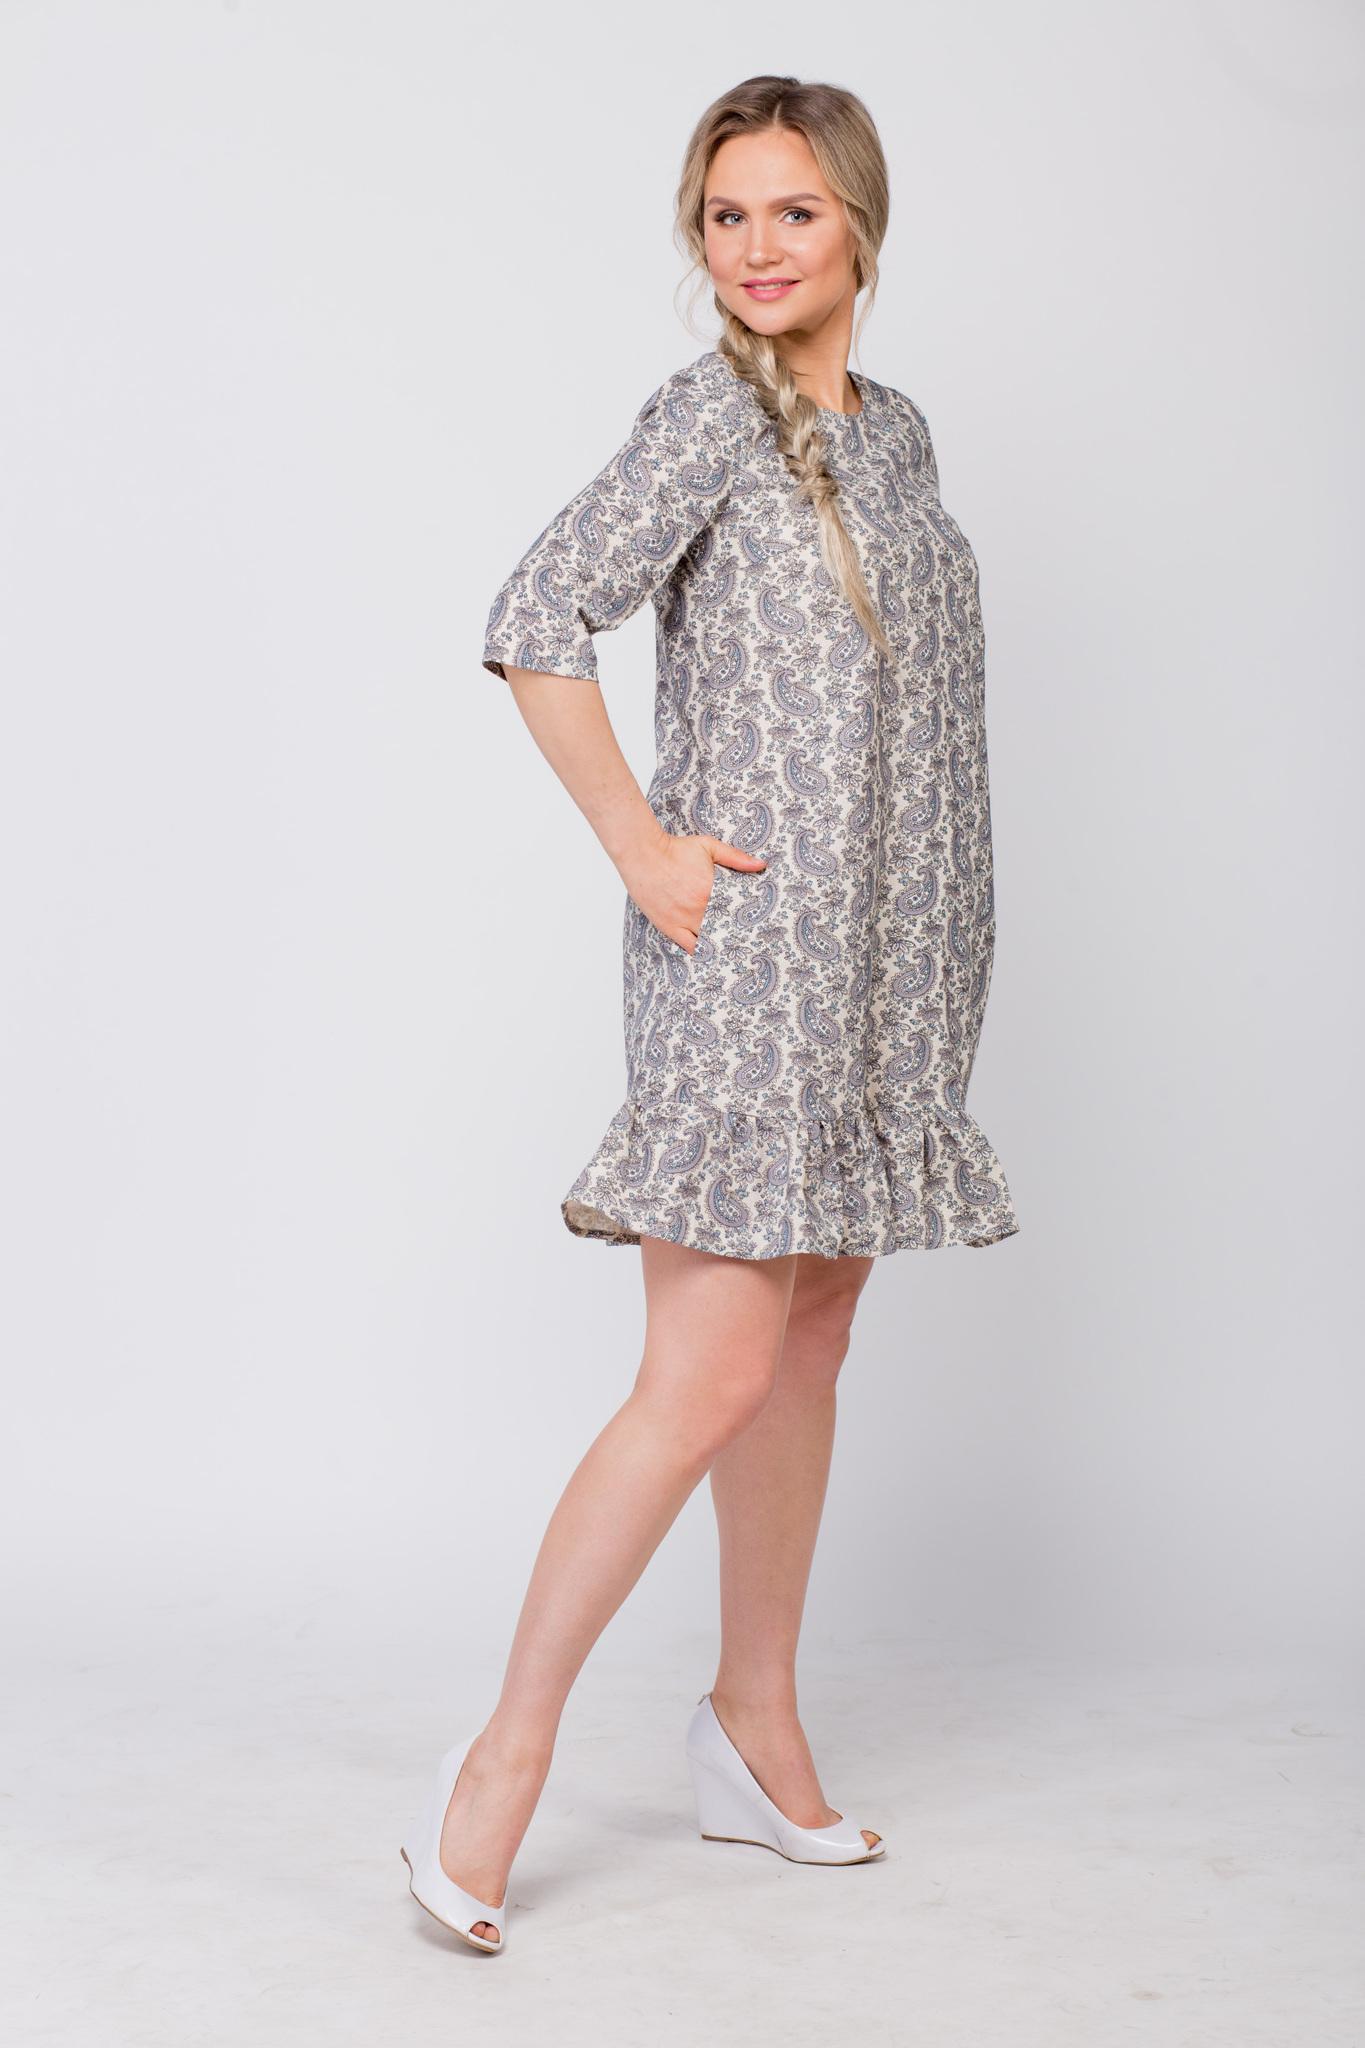 Платье льняное Огурцы вид сбоку